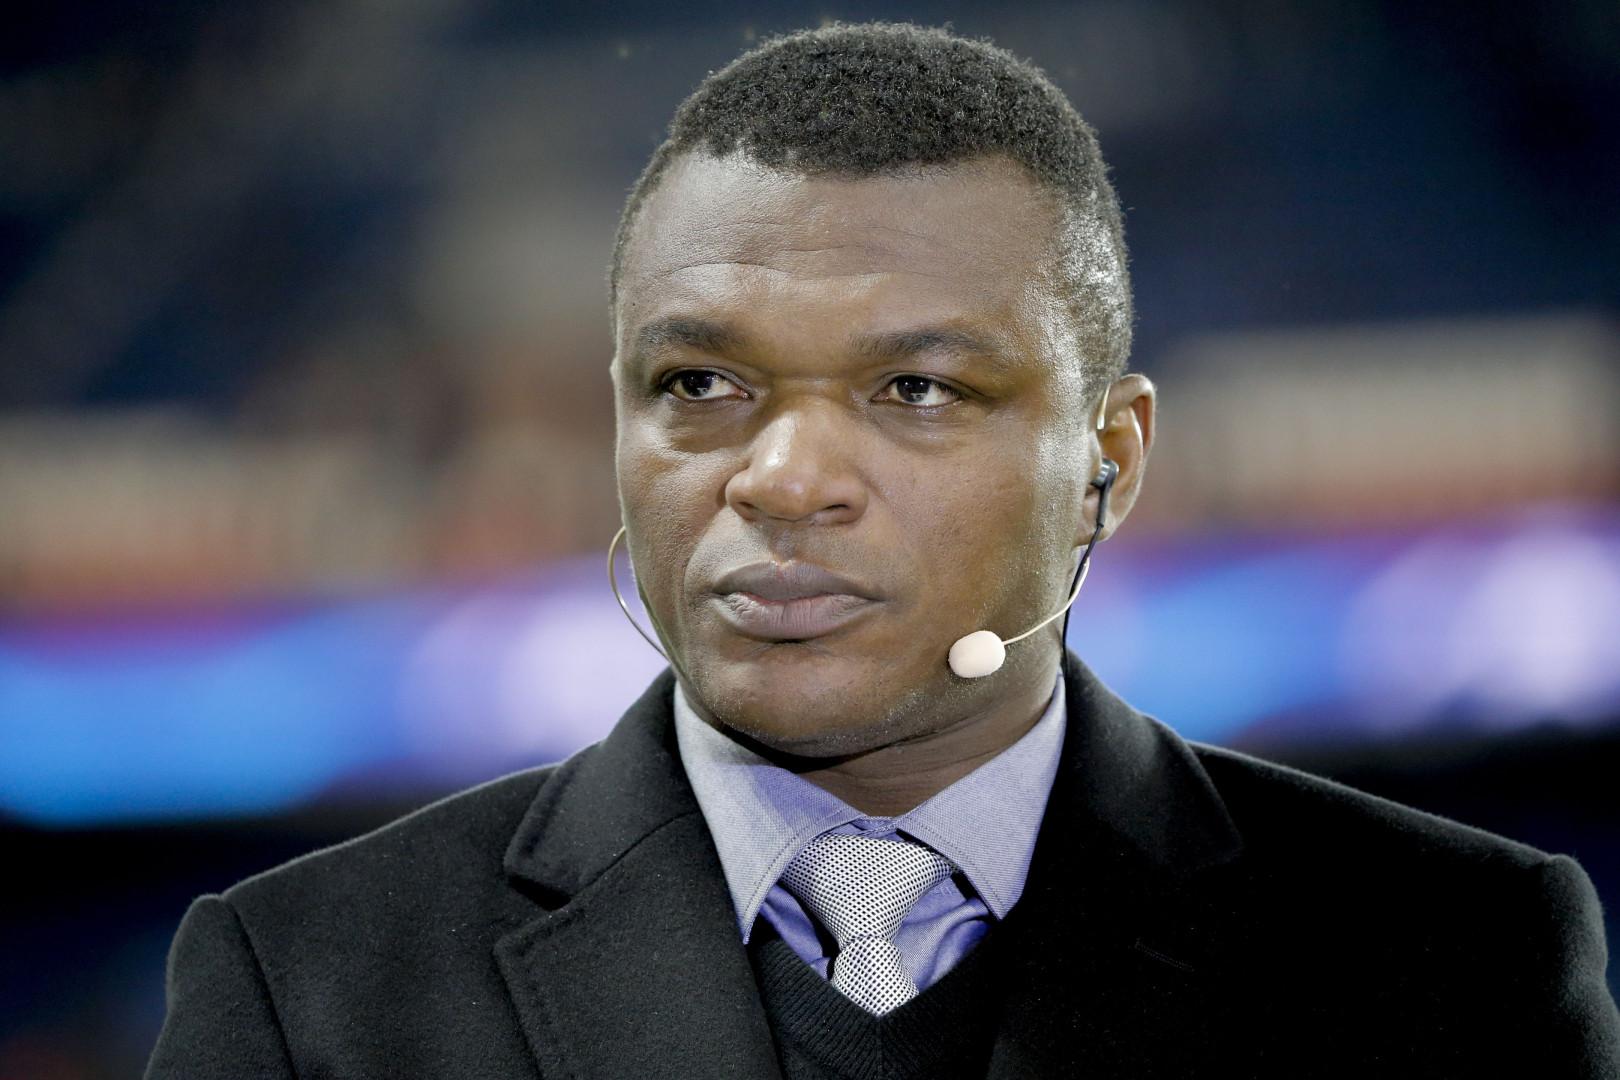 L'ancien défenseur Marcel Desailly officie désormais en tant que consultant pour beIn Sports